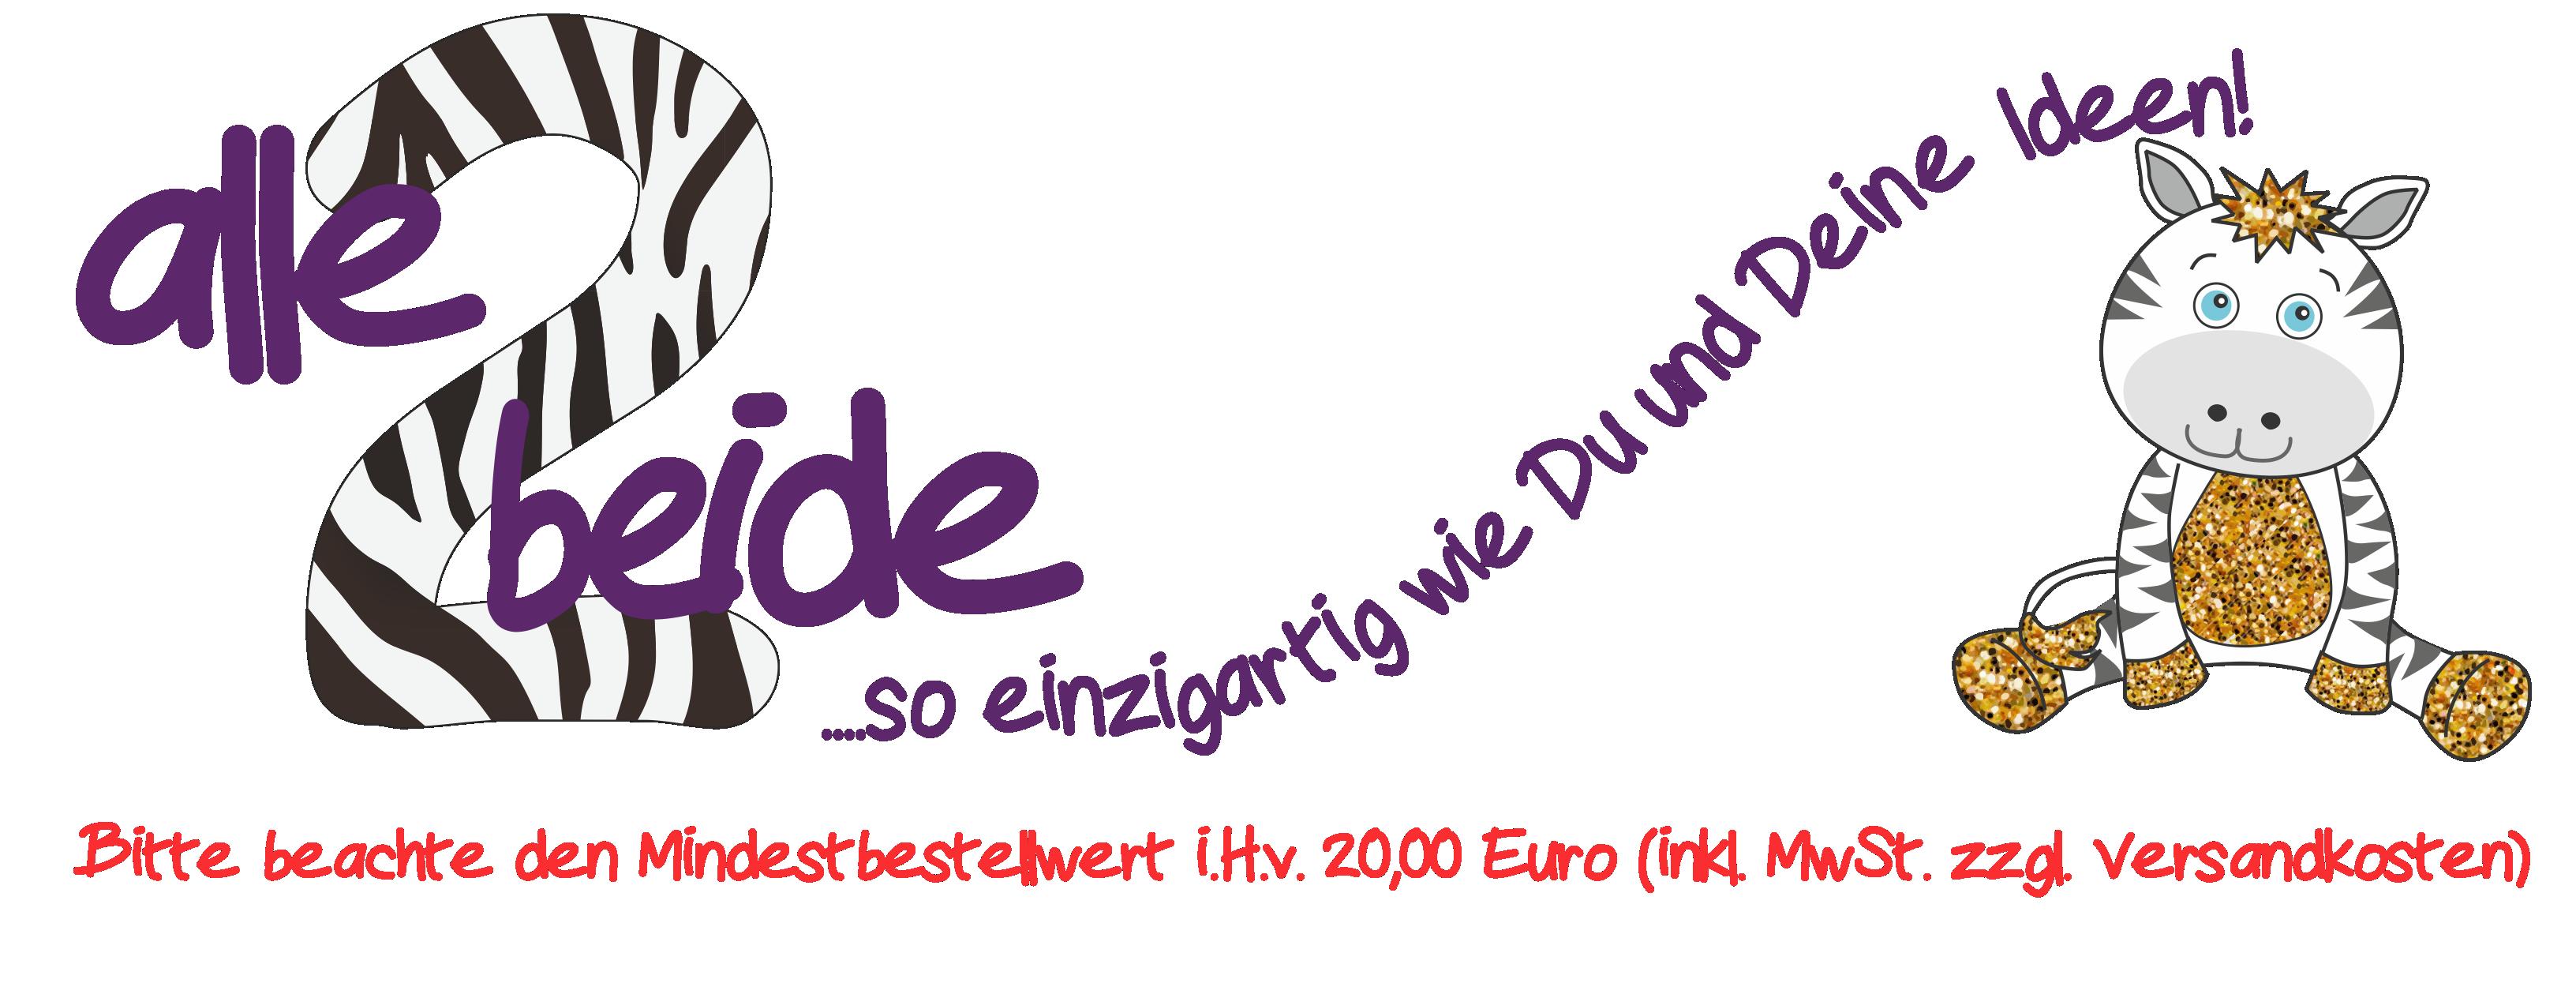 alle2beide-Logo